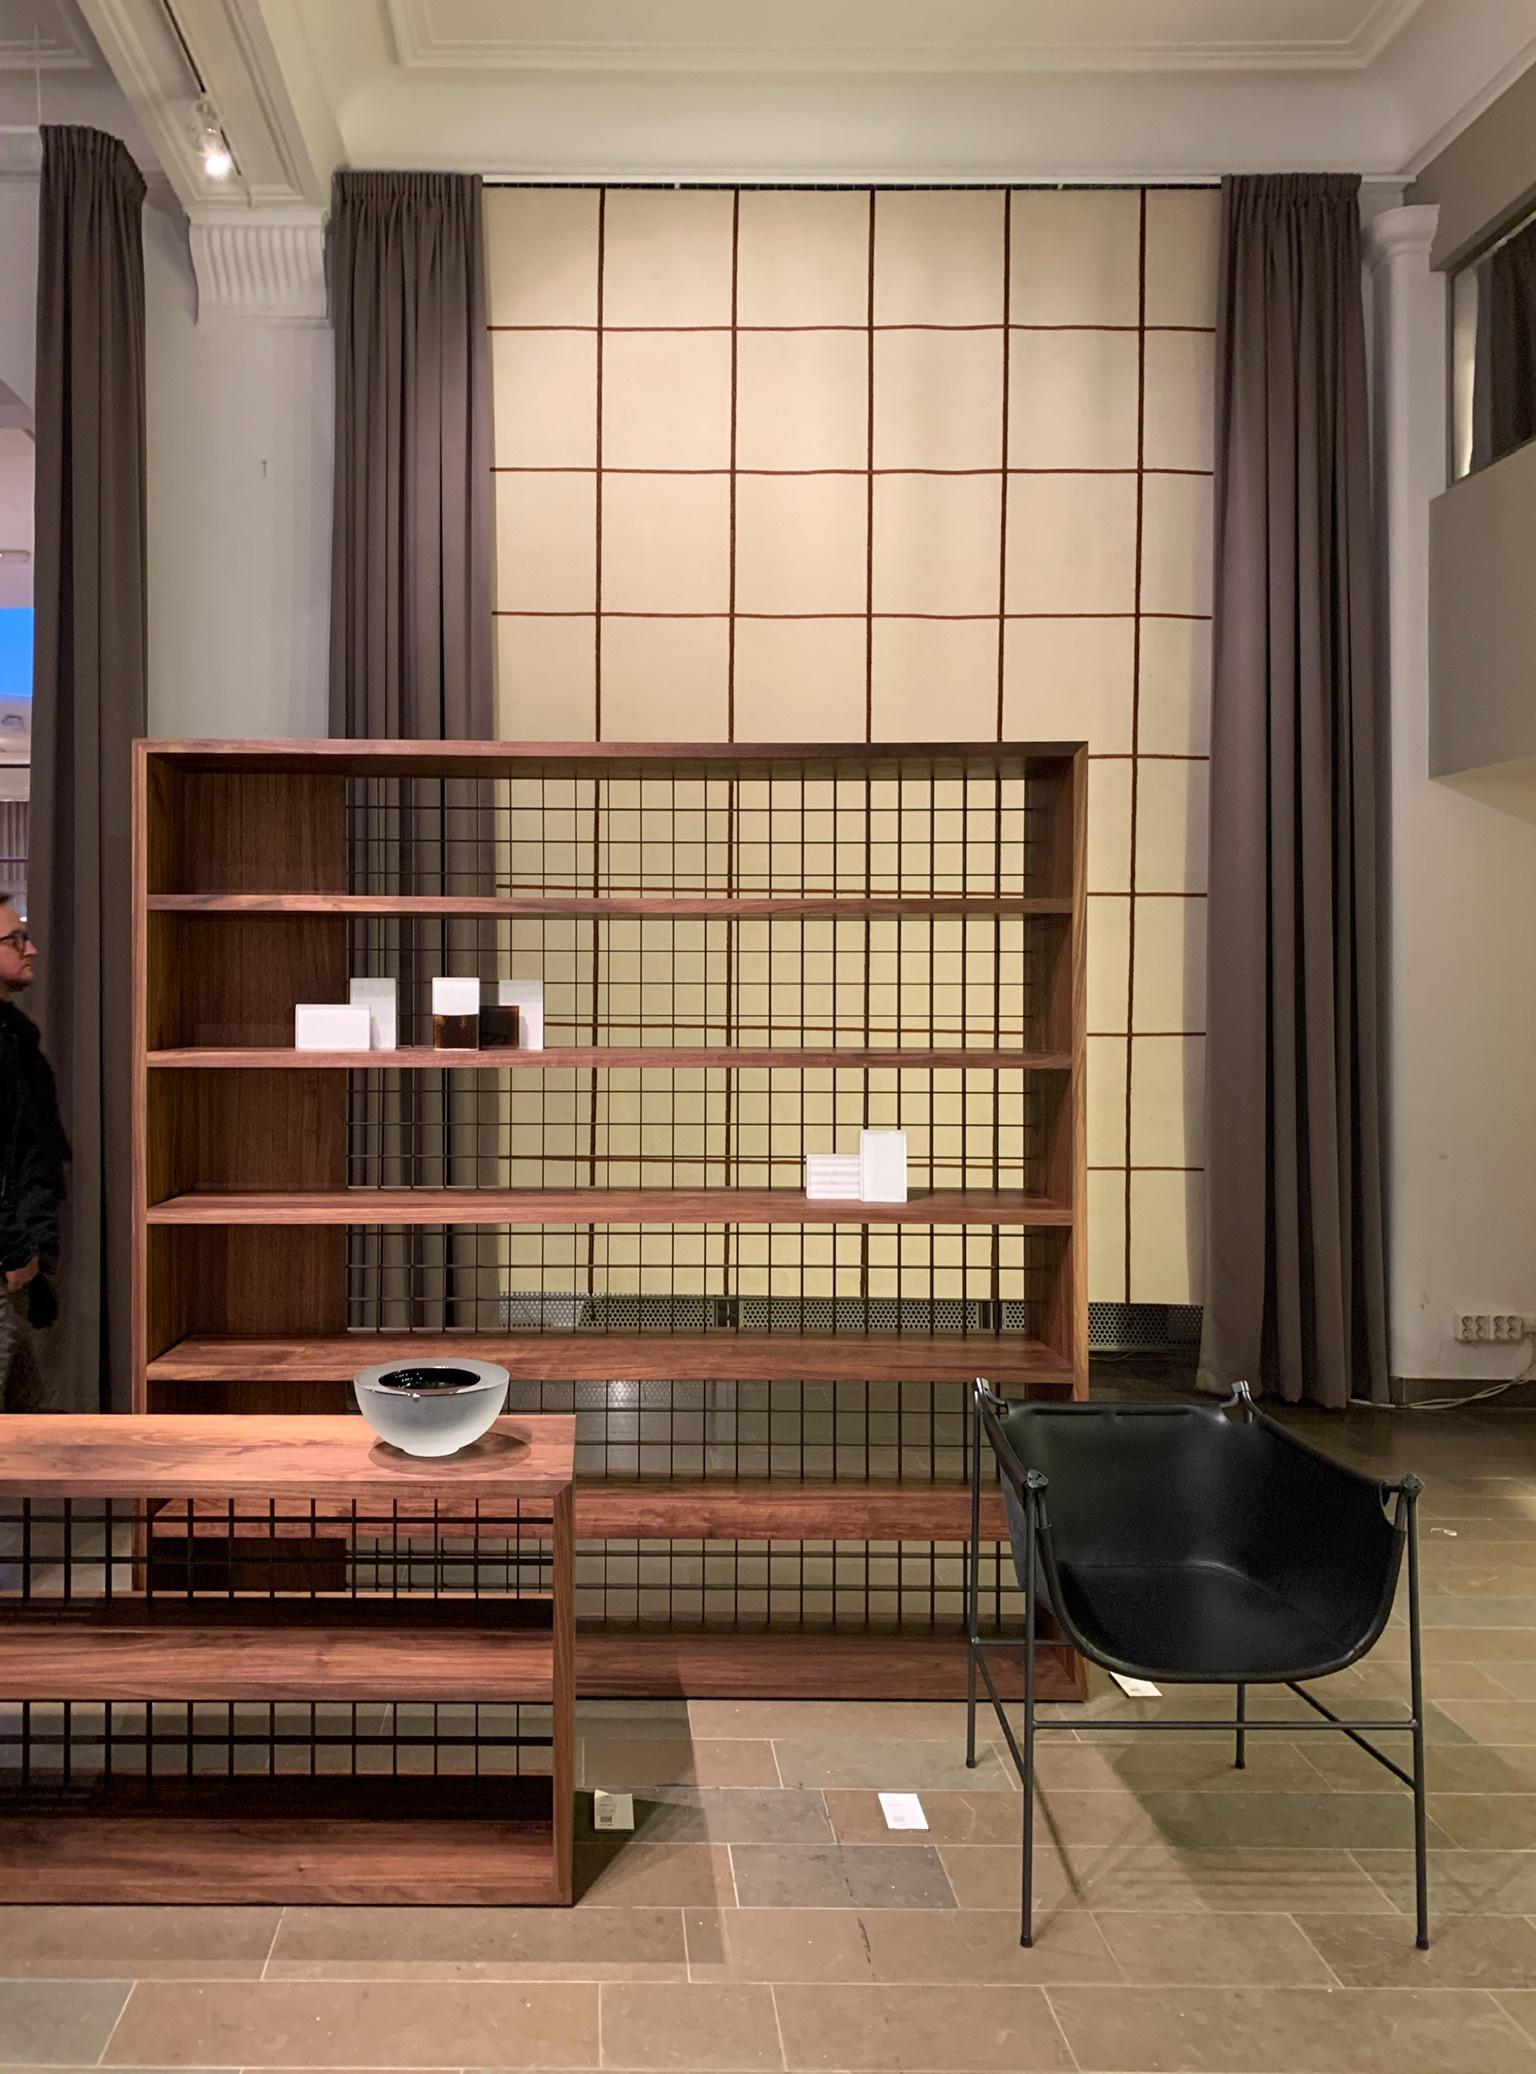 Неделя дизайна в Стокгольме 2020: блог бюро P+Z (галерея 40, фото 1)